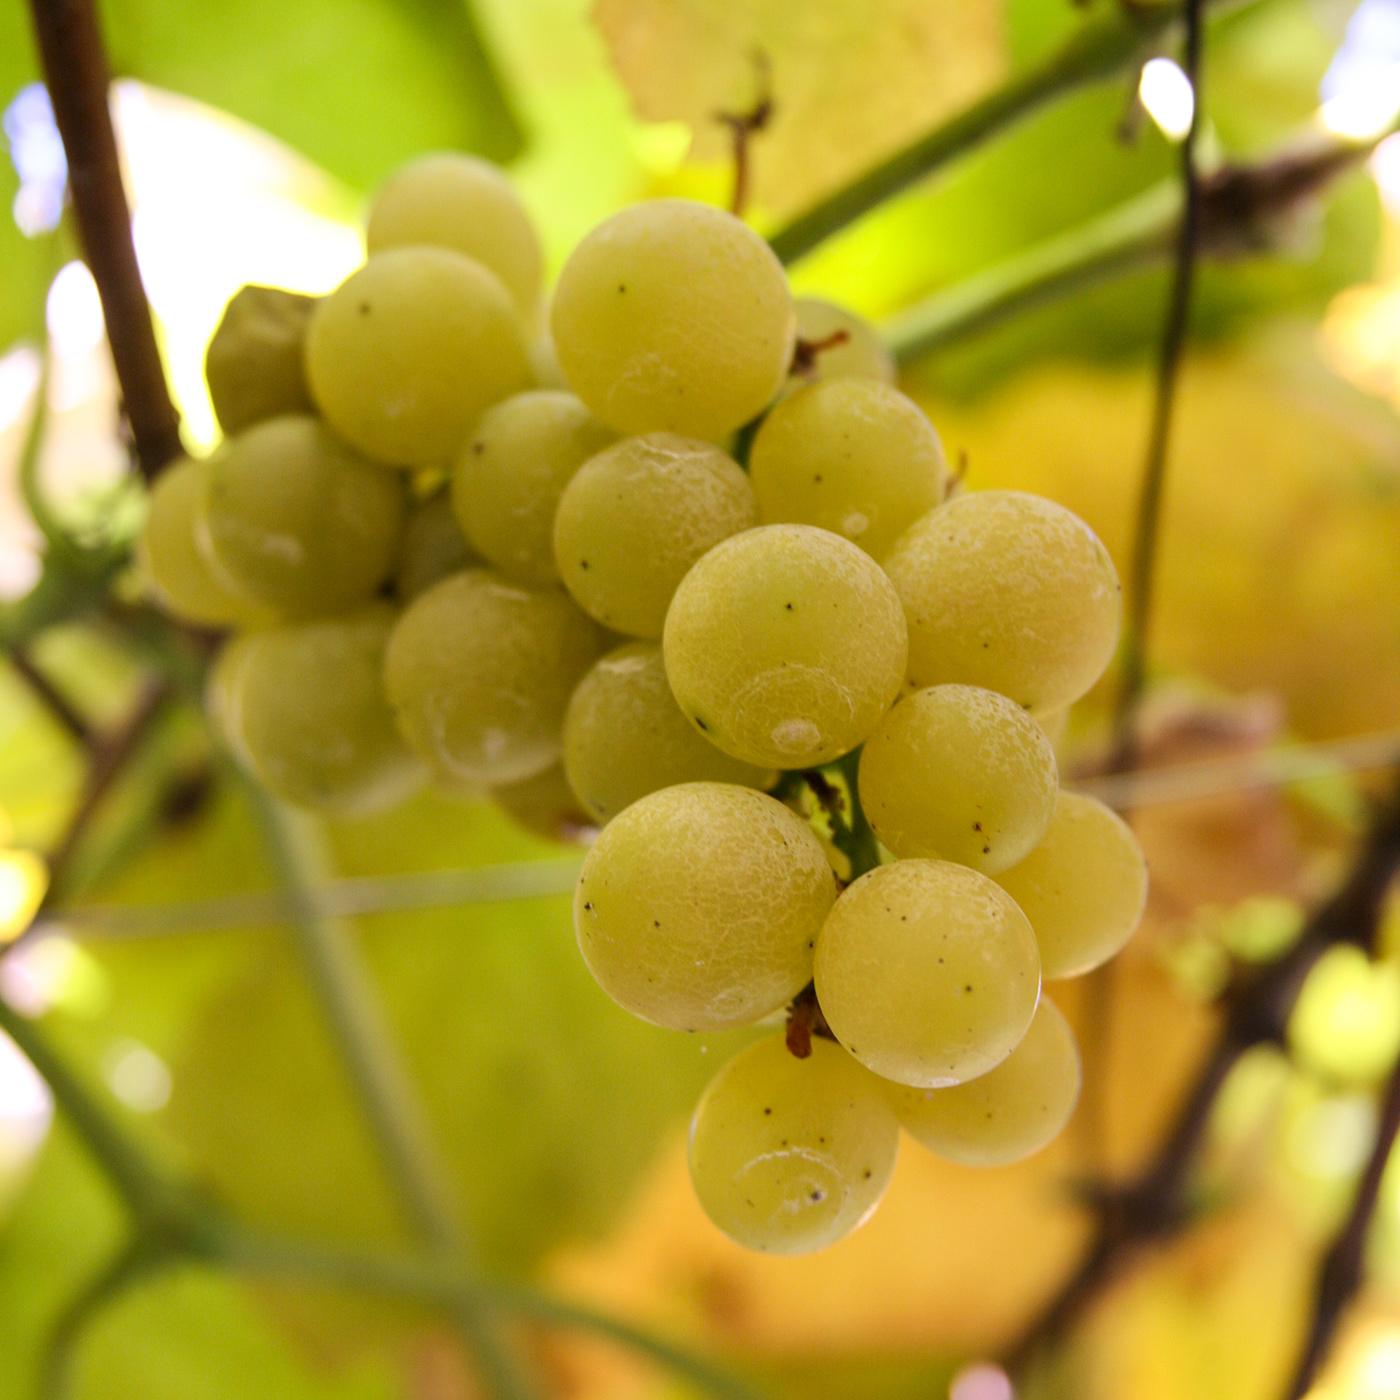 井筒ワインは試験栽培を含めて約30種類のぶどうを栽培しており、契約しているぶどう農家は約120軒という。